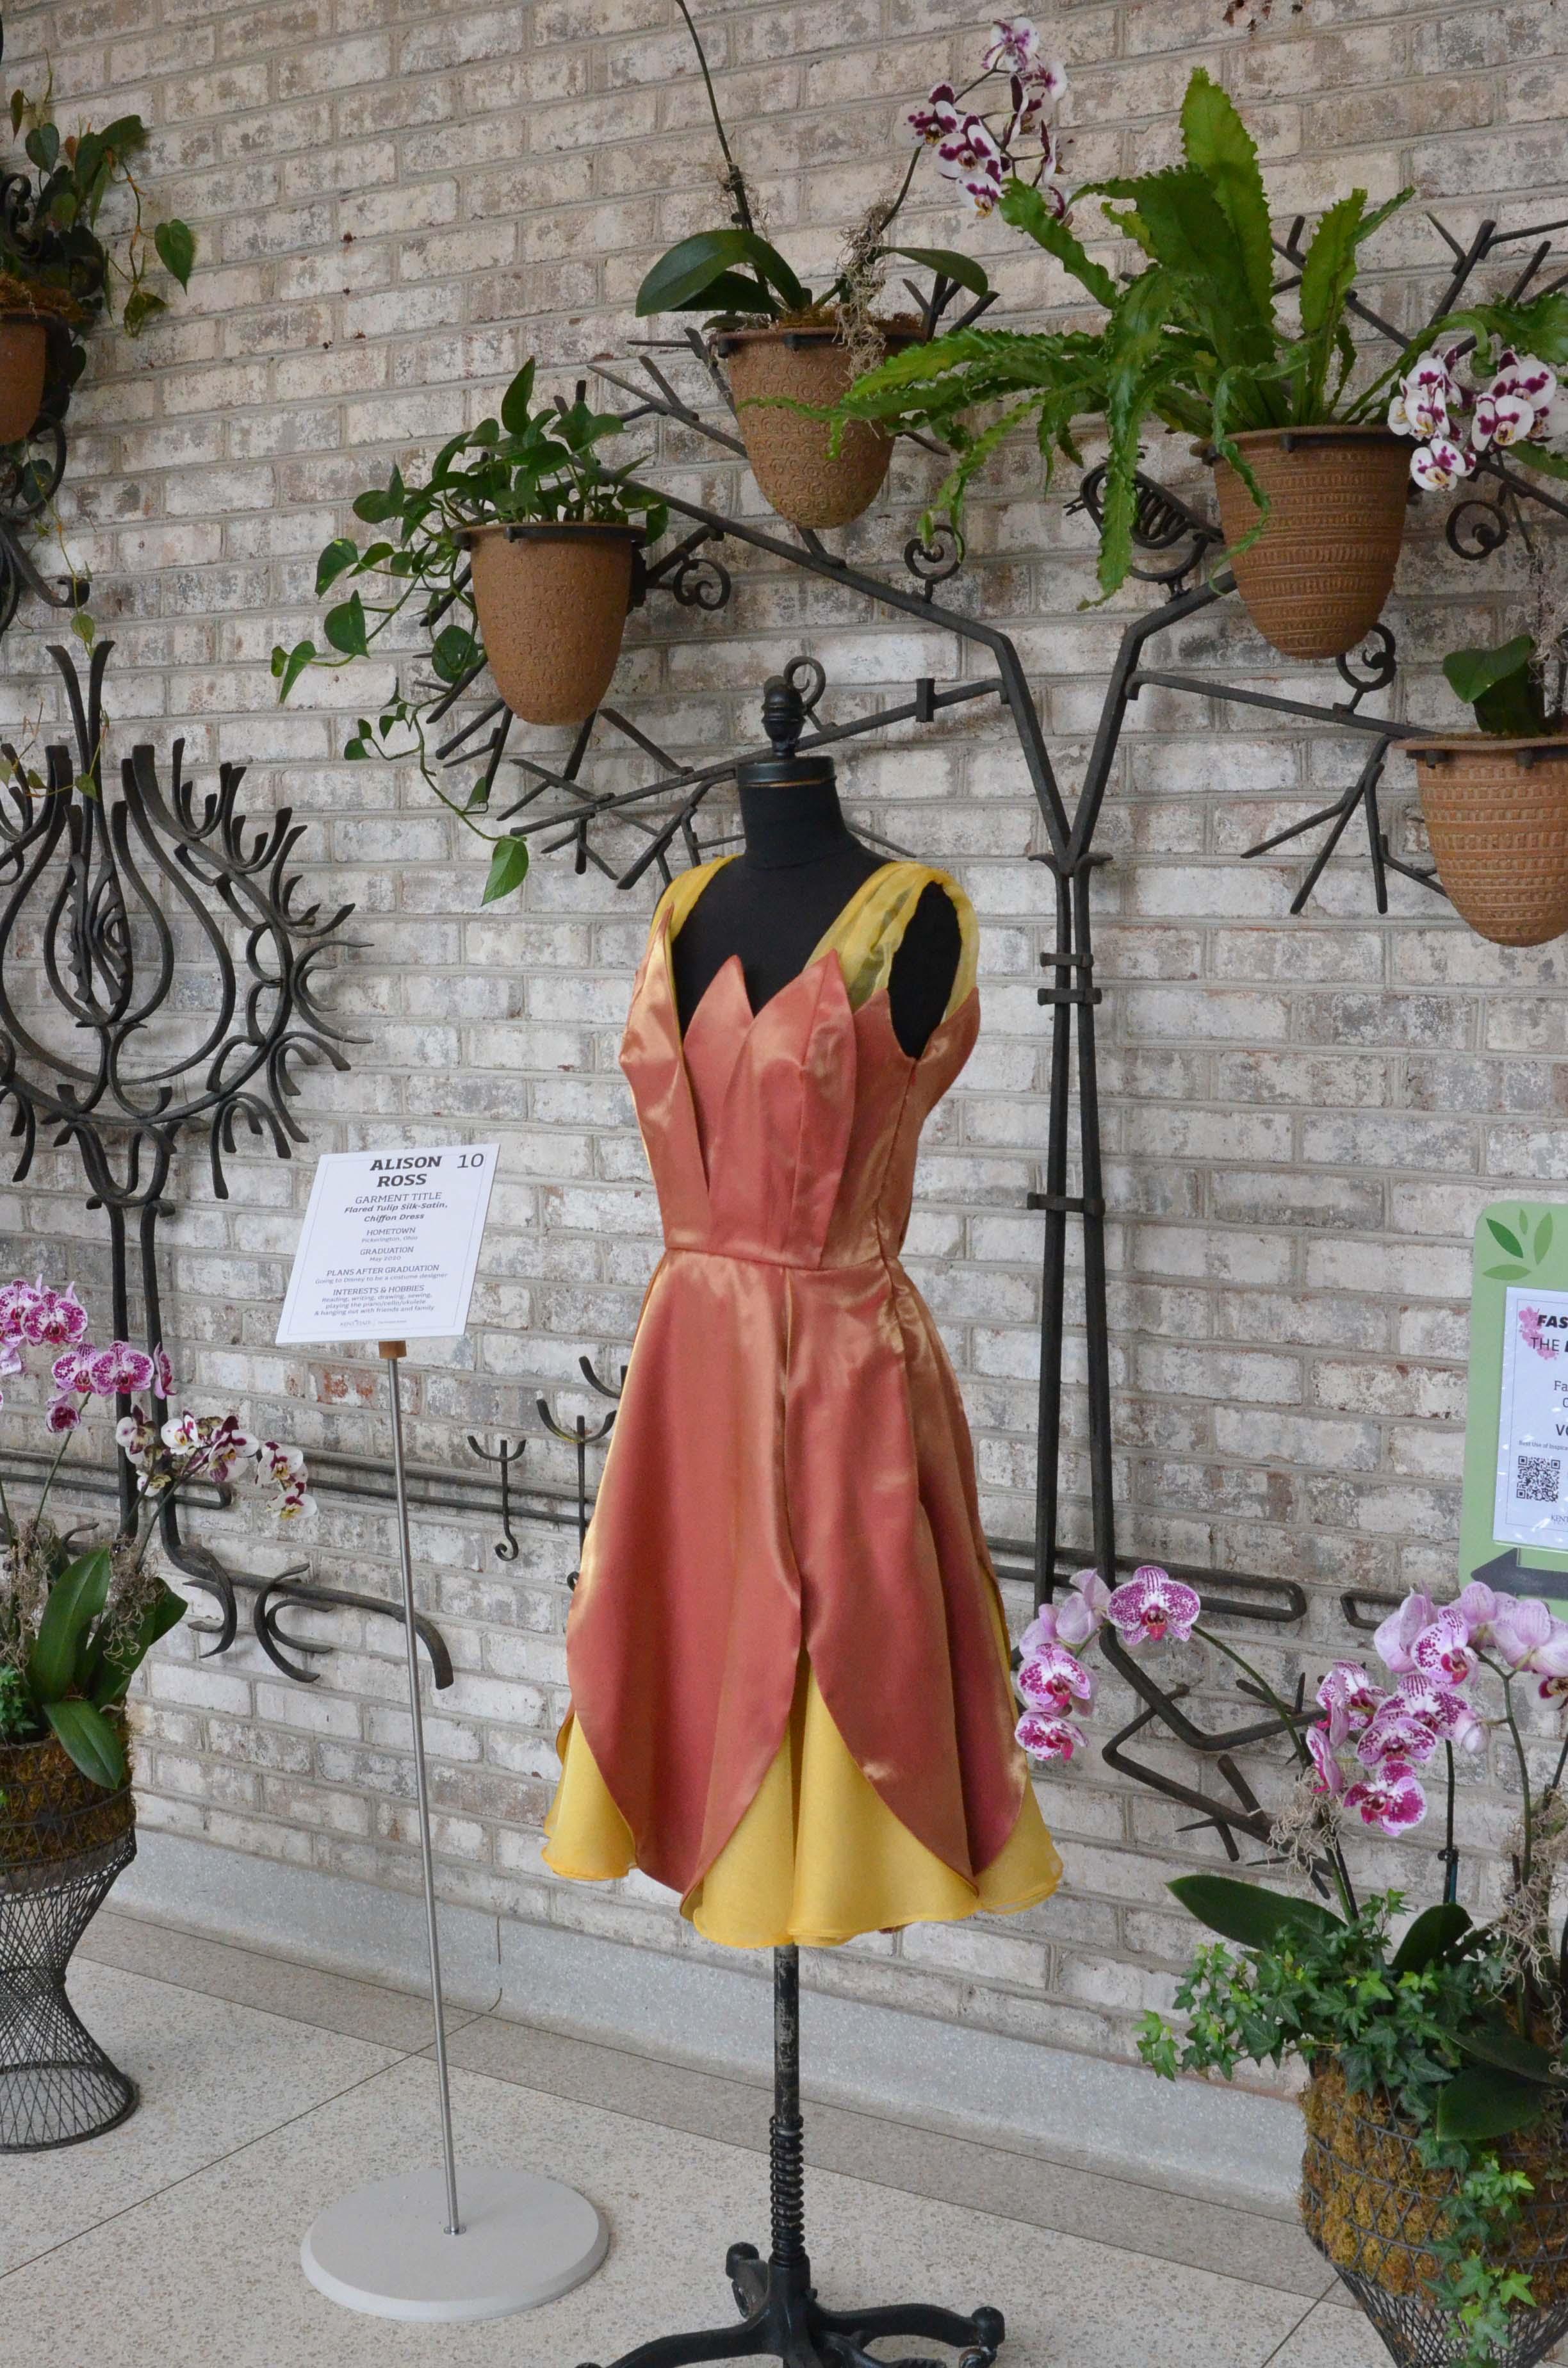 Best in Show Winner - Alison Ross Tulip Dress